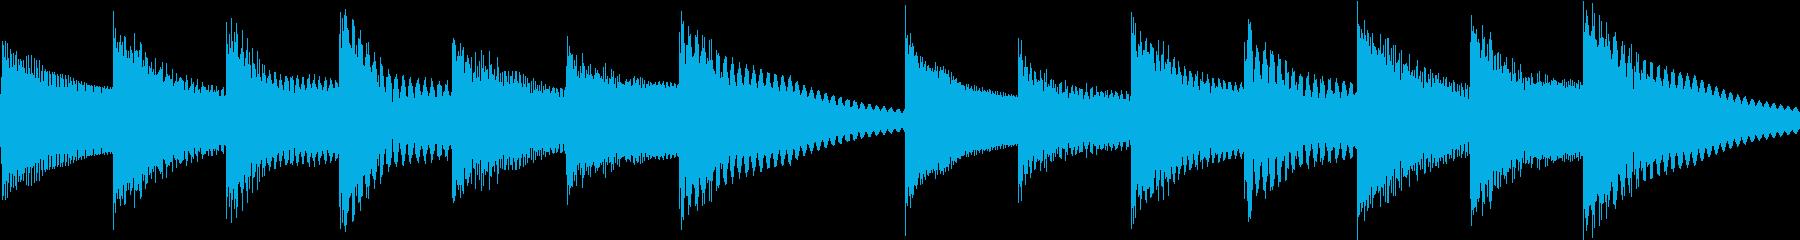 シンプルベル お知らせ ハテナ ? 03の再生済みの波形